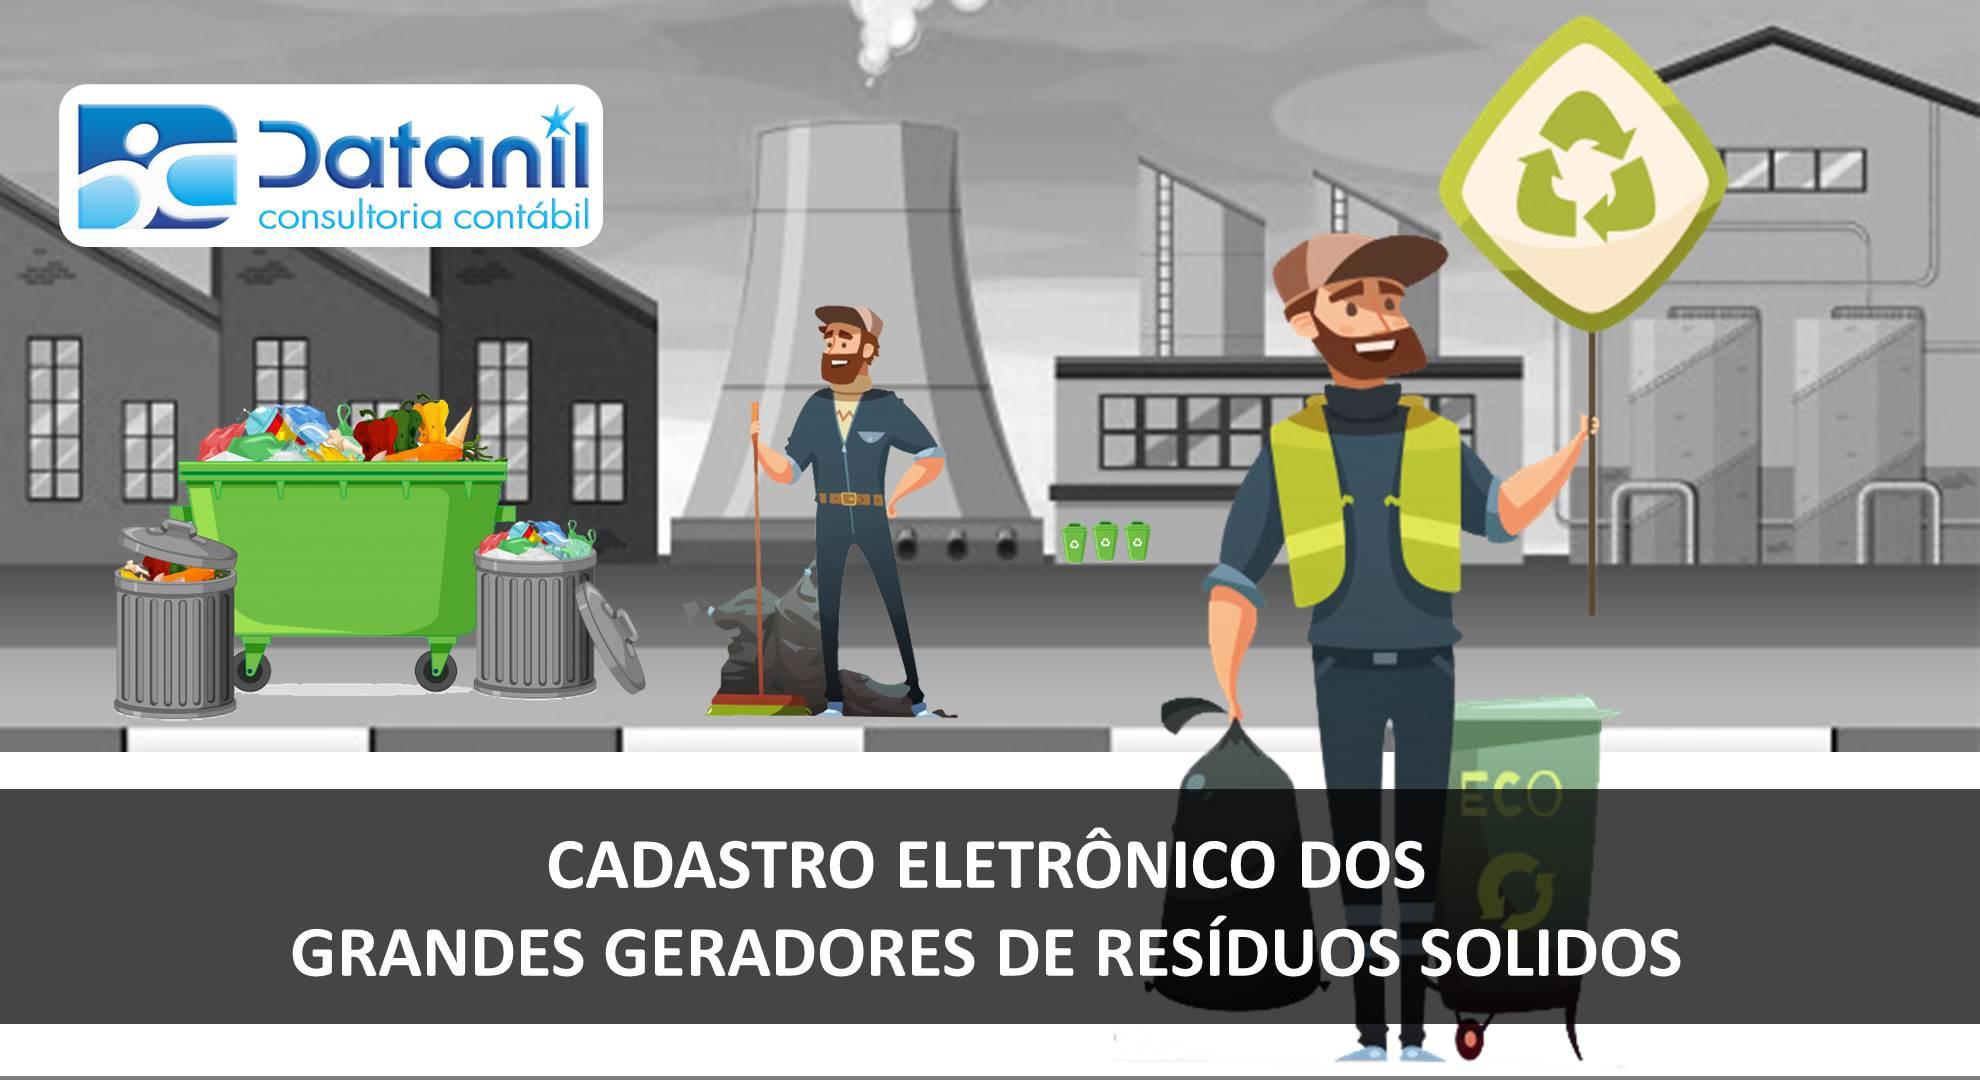 Cadastro Eletrônico Dos Grandes Geradores De Resíduos Sólidos